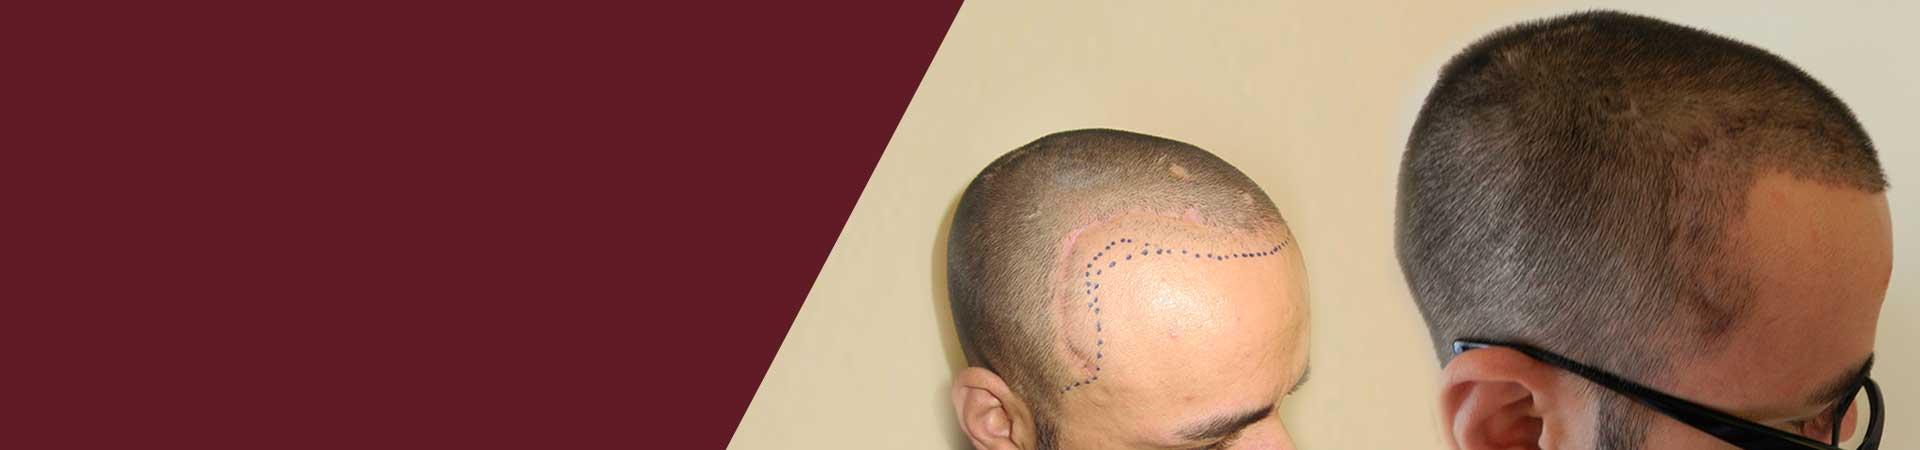 Scar Hair Transplantation